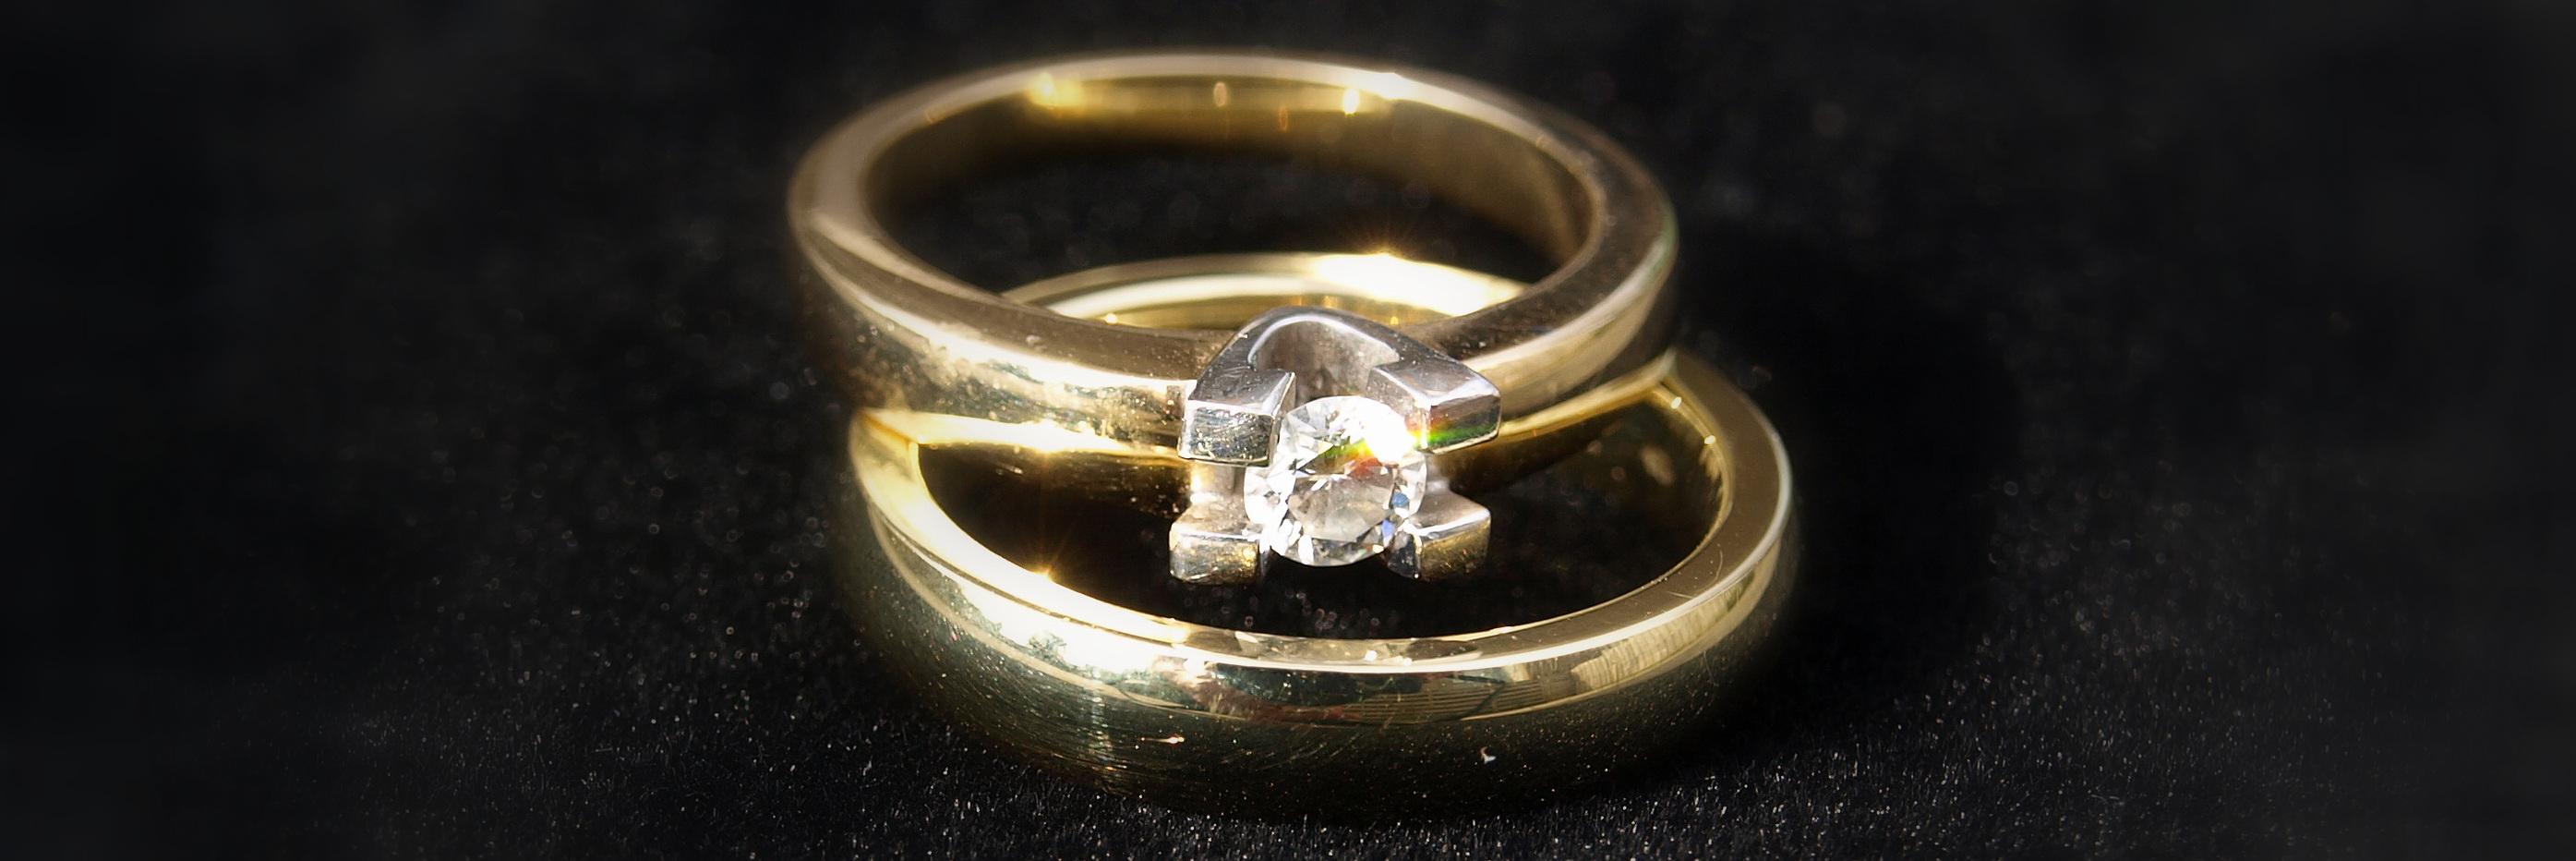 Goedkope trouwrapportage? Ervaren fotograaf